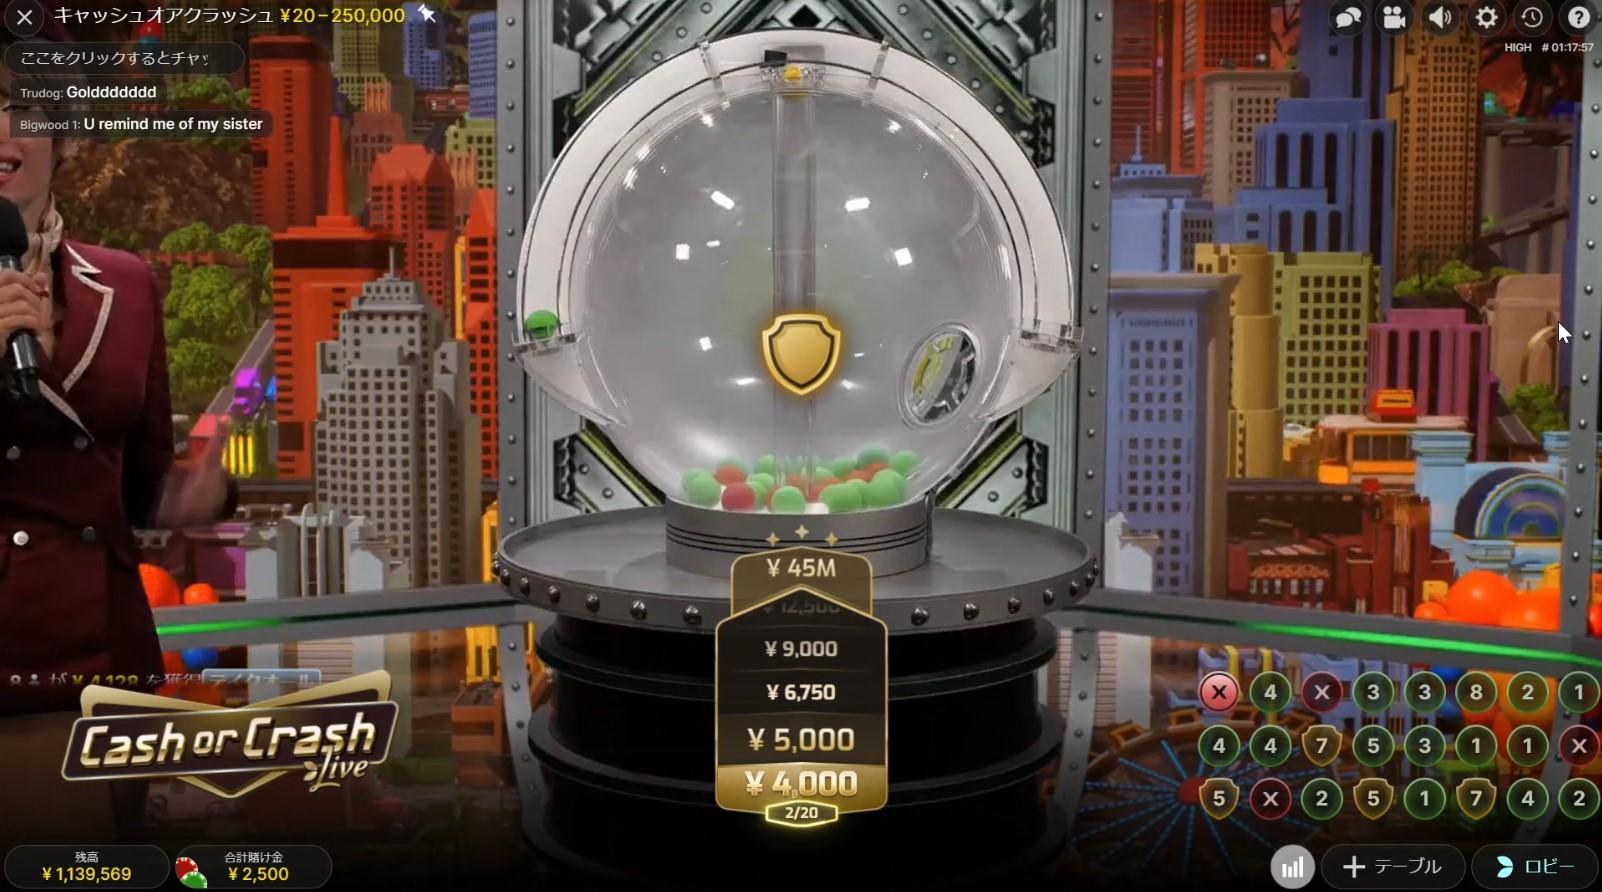 cash or crash ゲームの流れ6